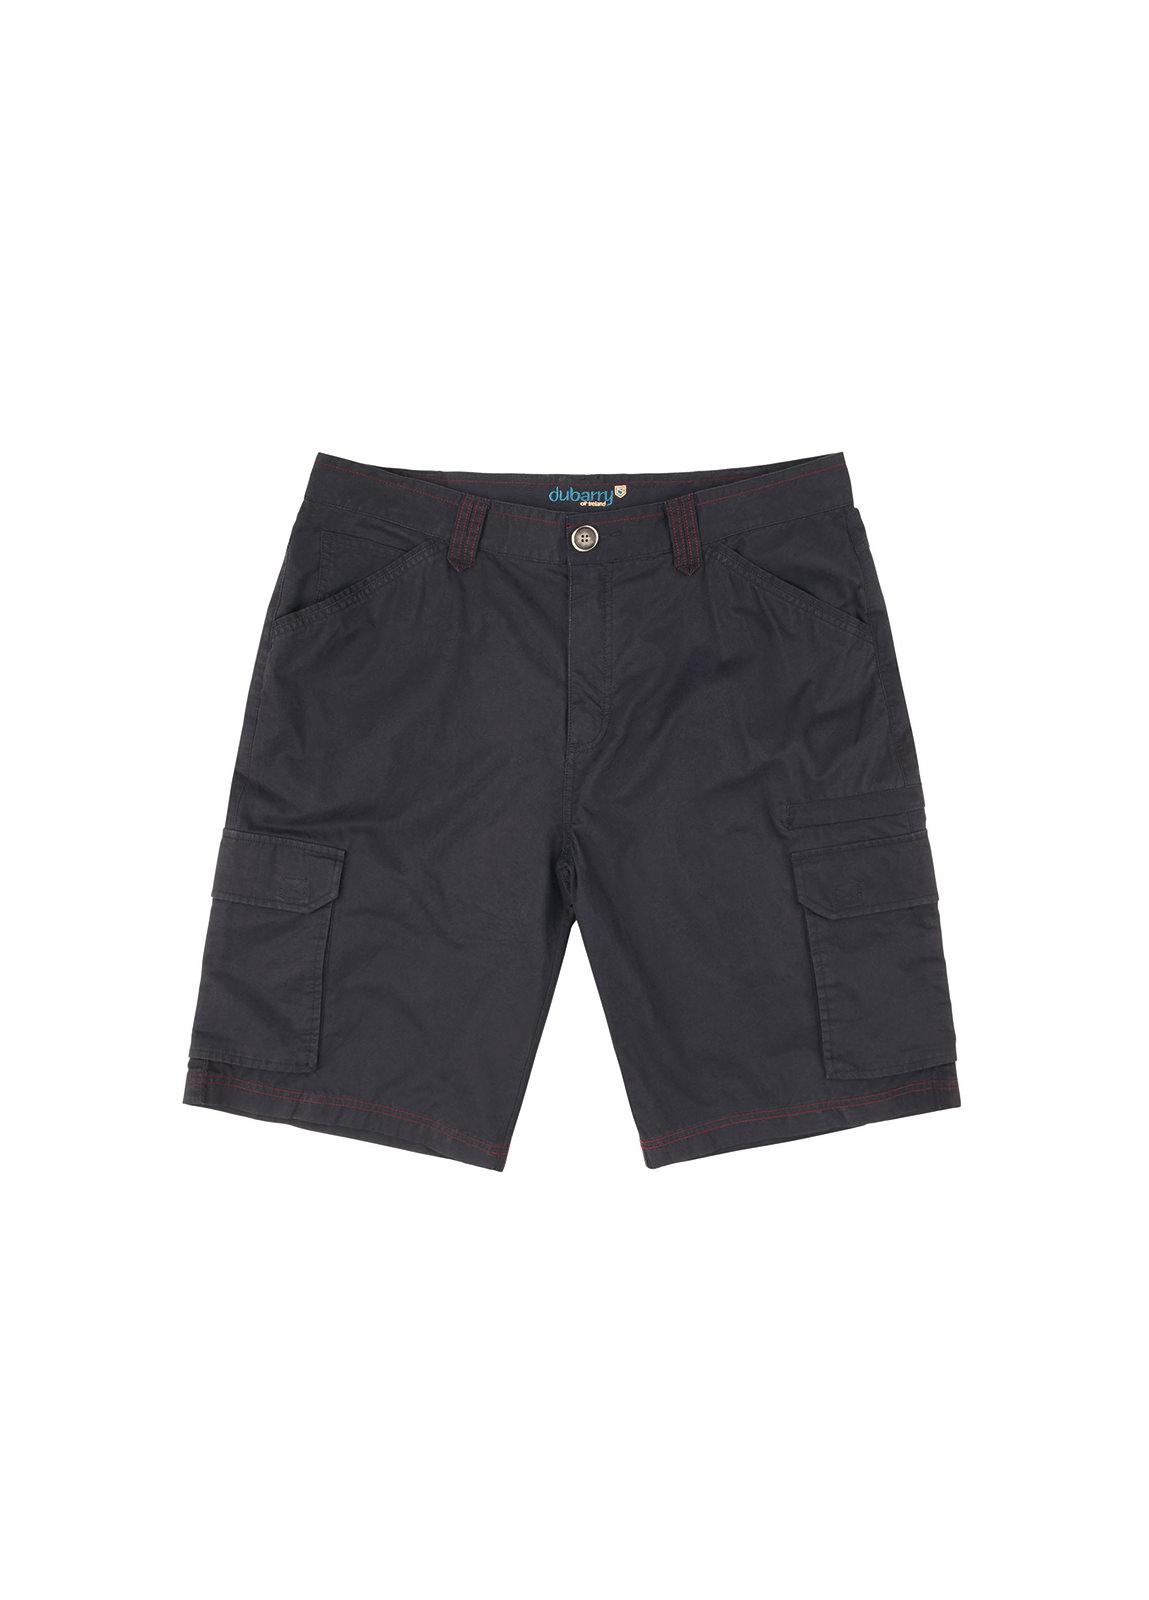 Allen Mens Shorts - Navy